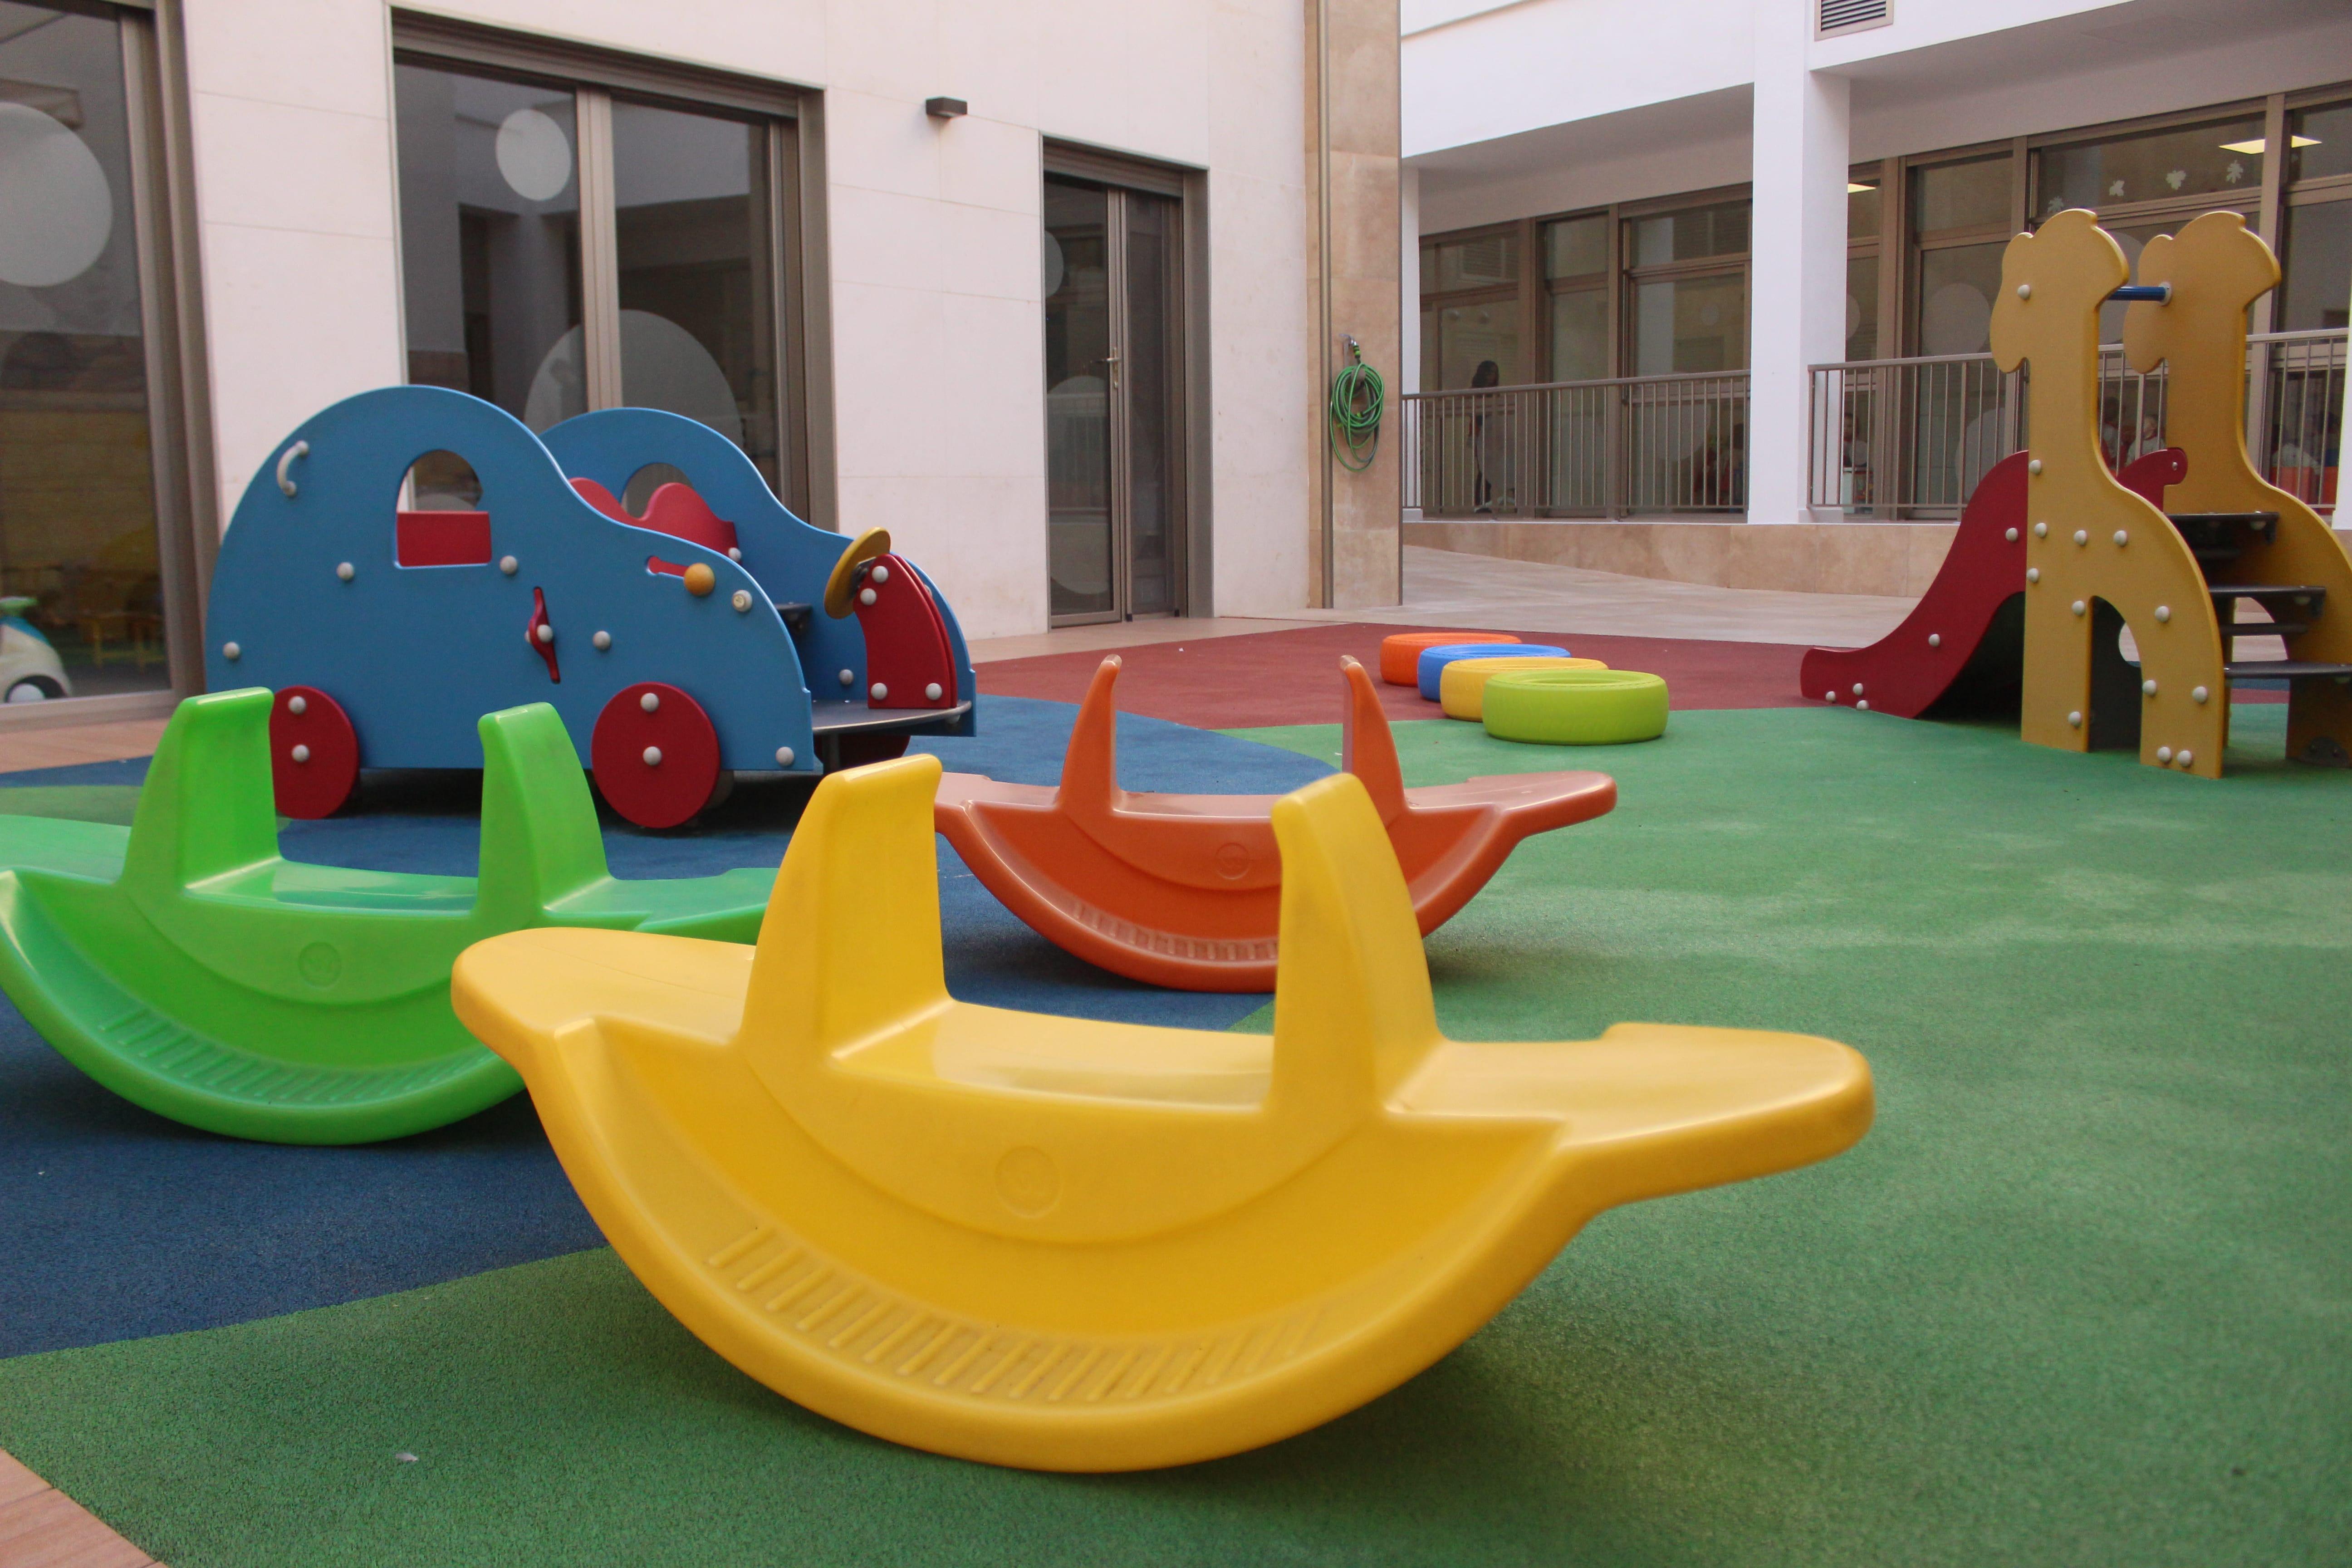 escuela infantil bilingüe en Valencia - patio con balancín